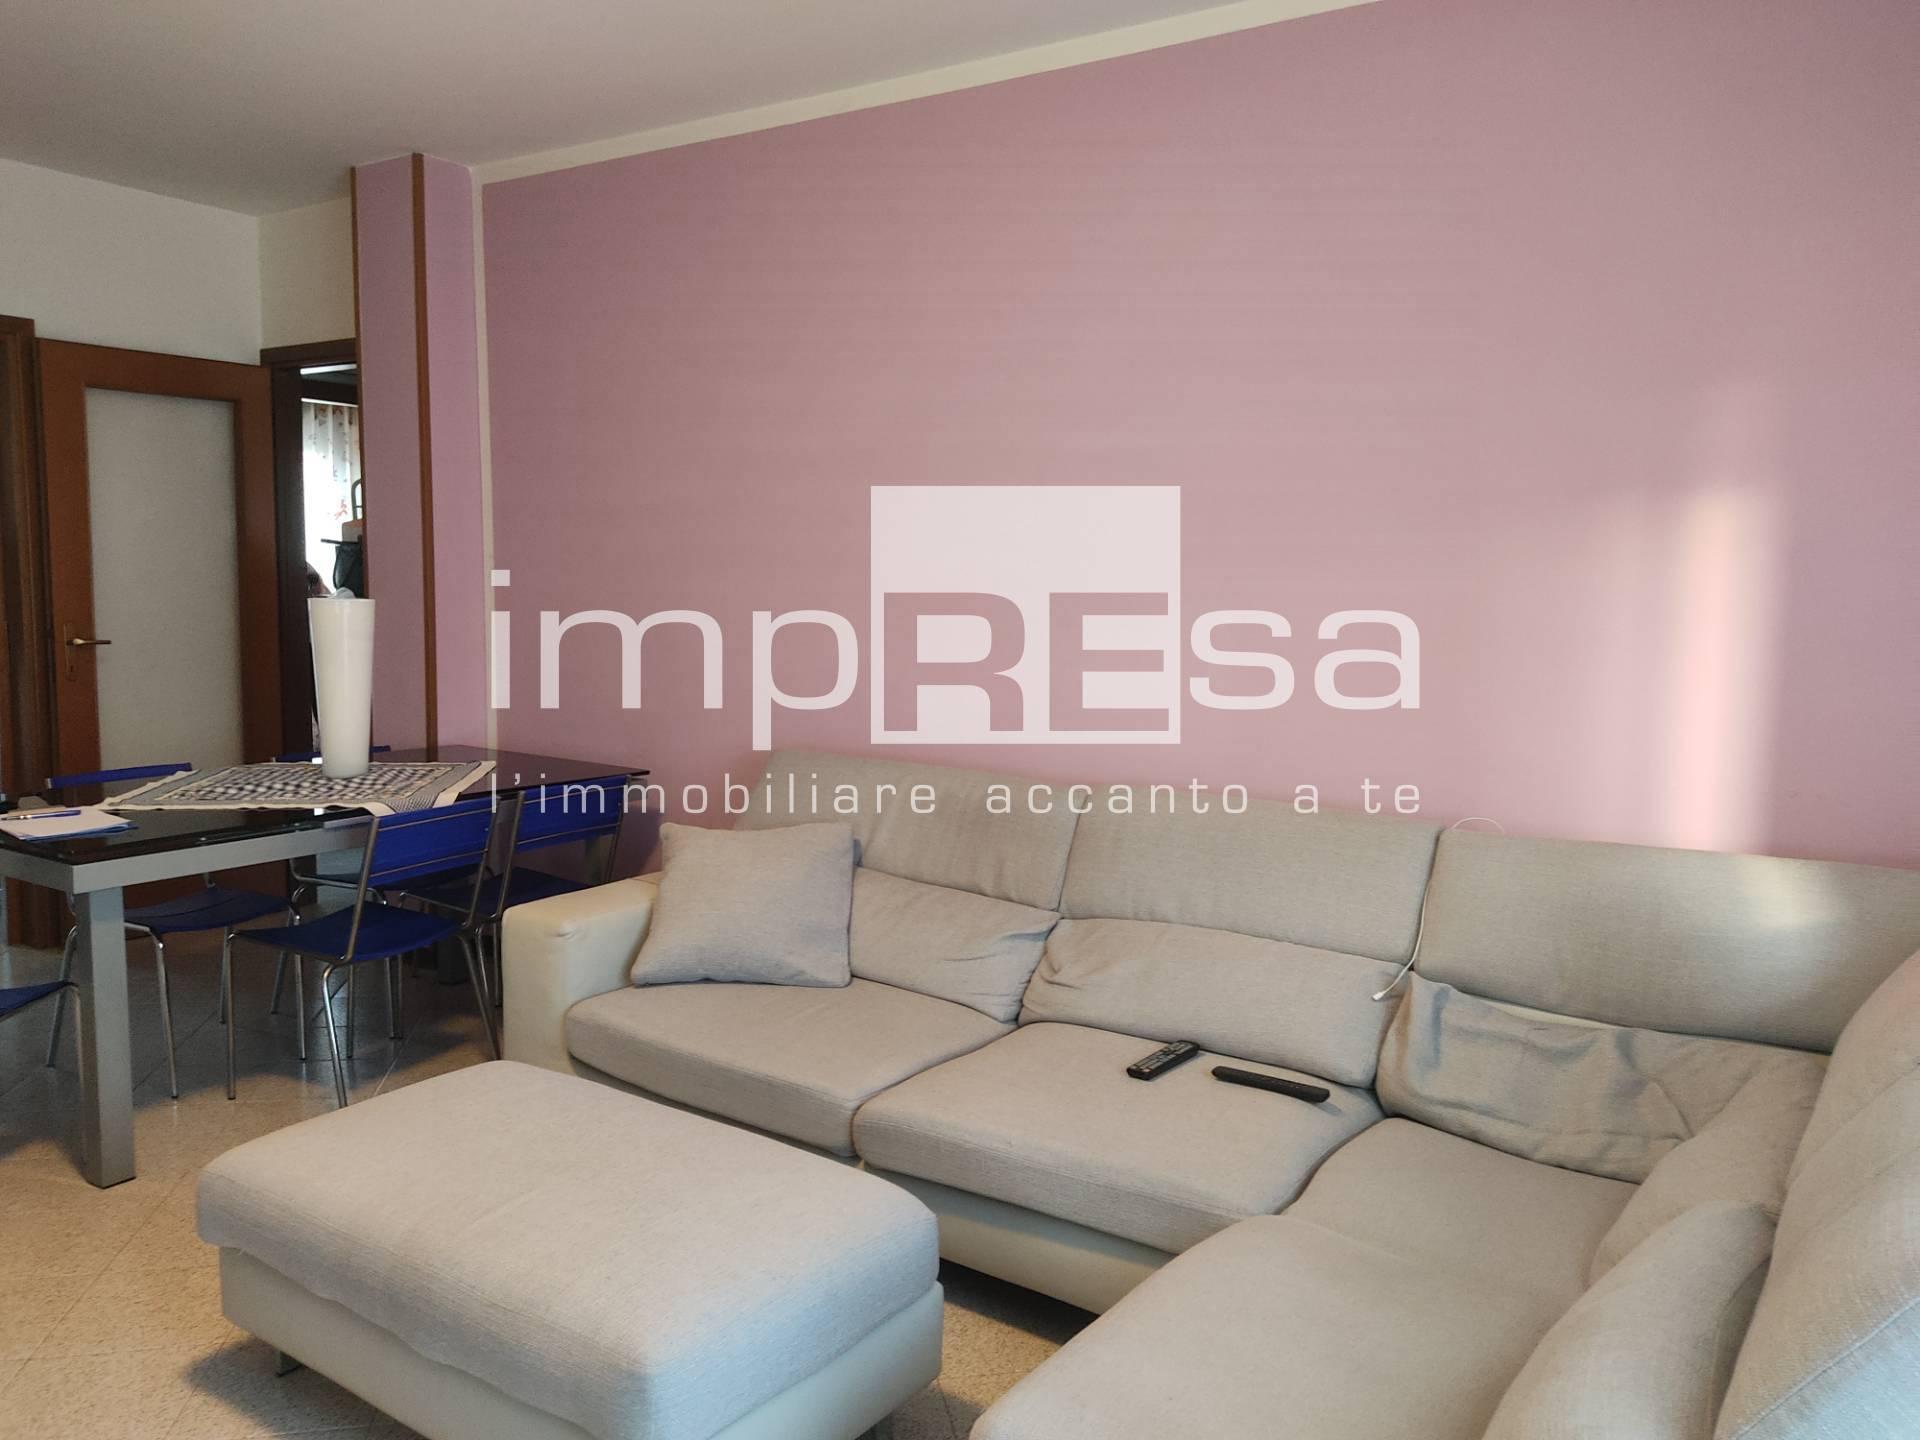 Appartamento in vendita a Preganziol, 4 locali, zona Località: Centro, prezzo € 130.000 | CambioCasa.it